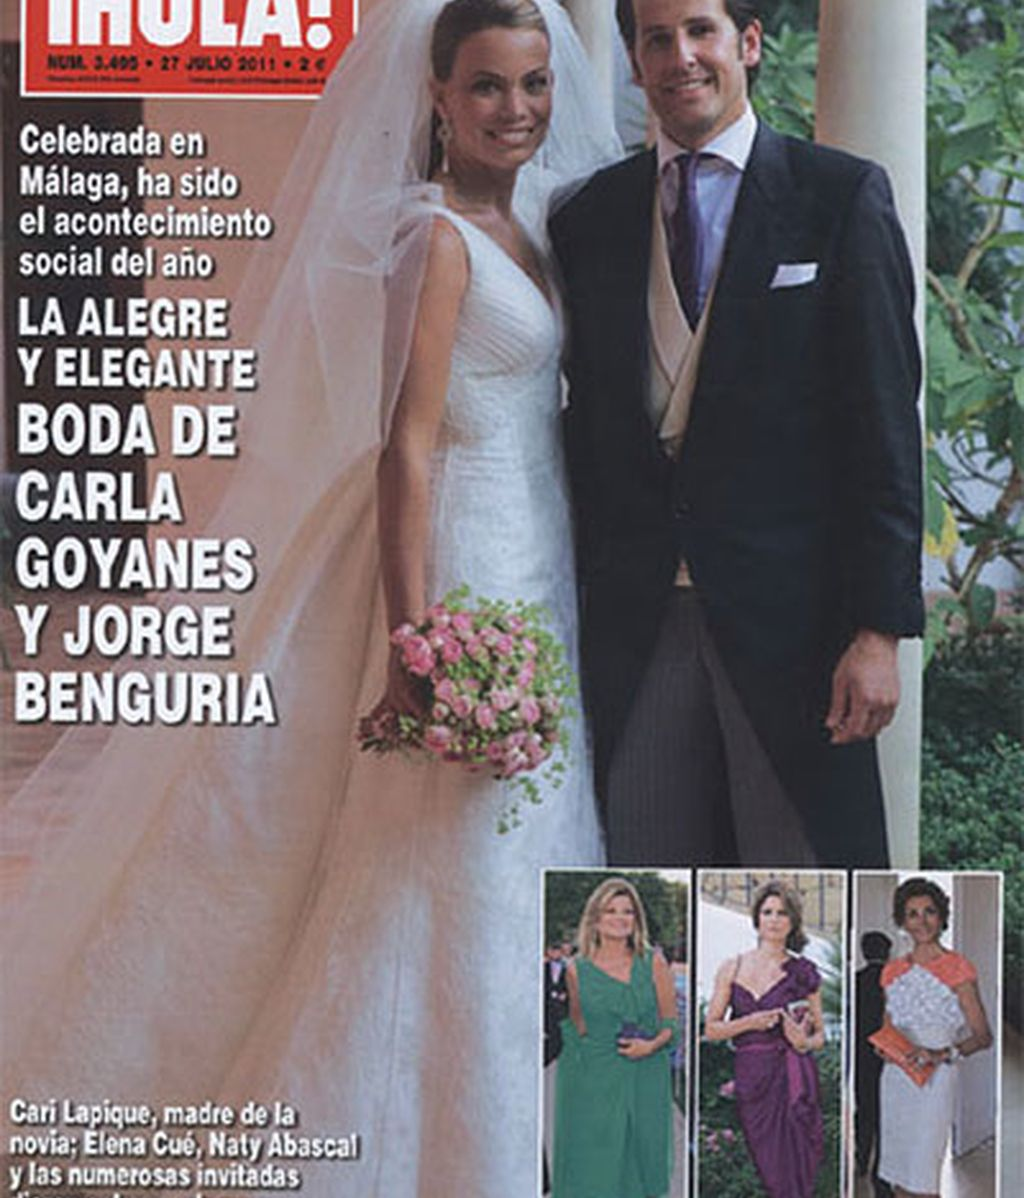 La boda de Carla Goyanes, en la portada de '¡Hola!'